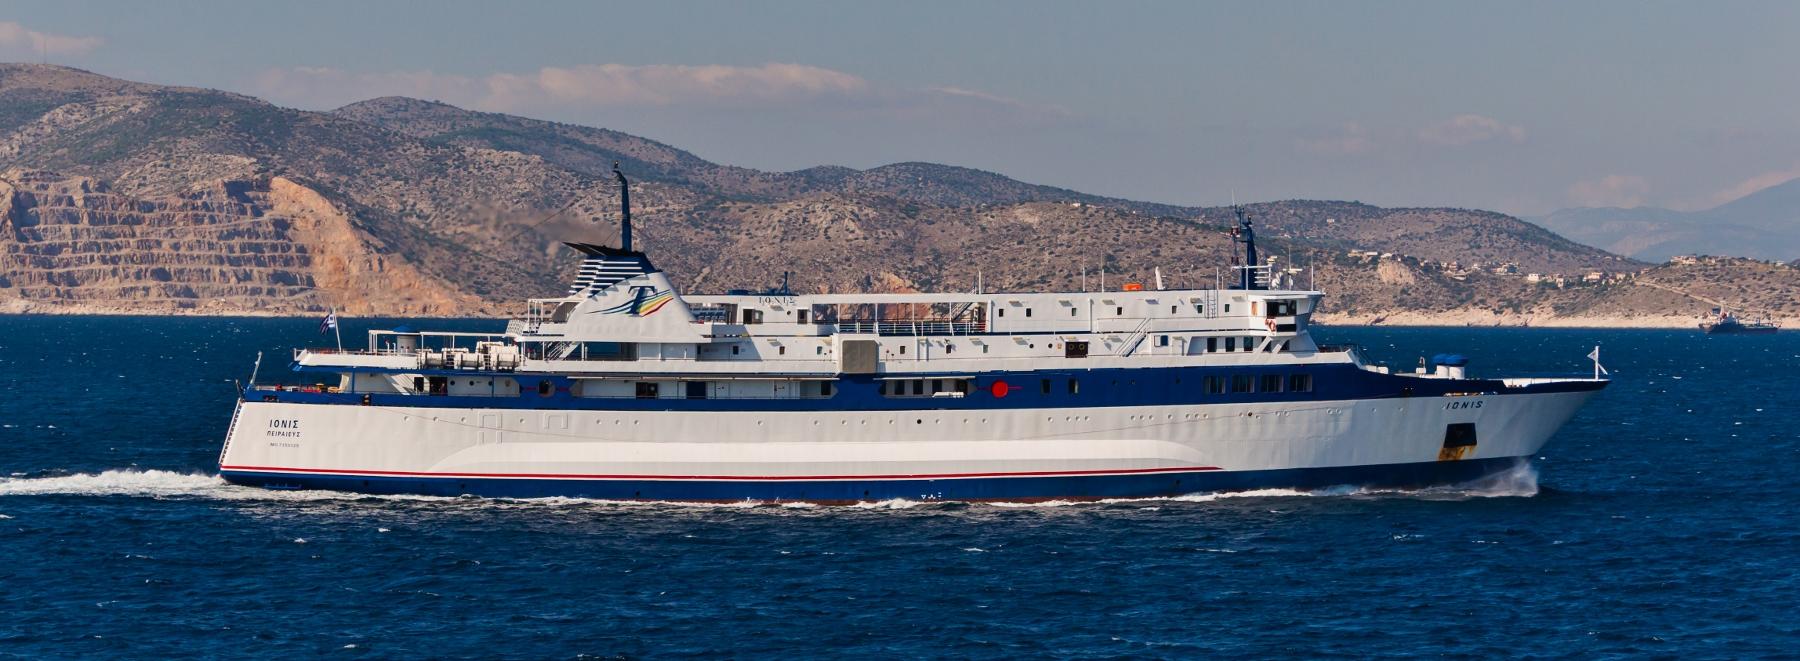 Ferry Ionis